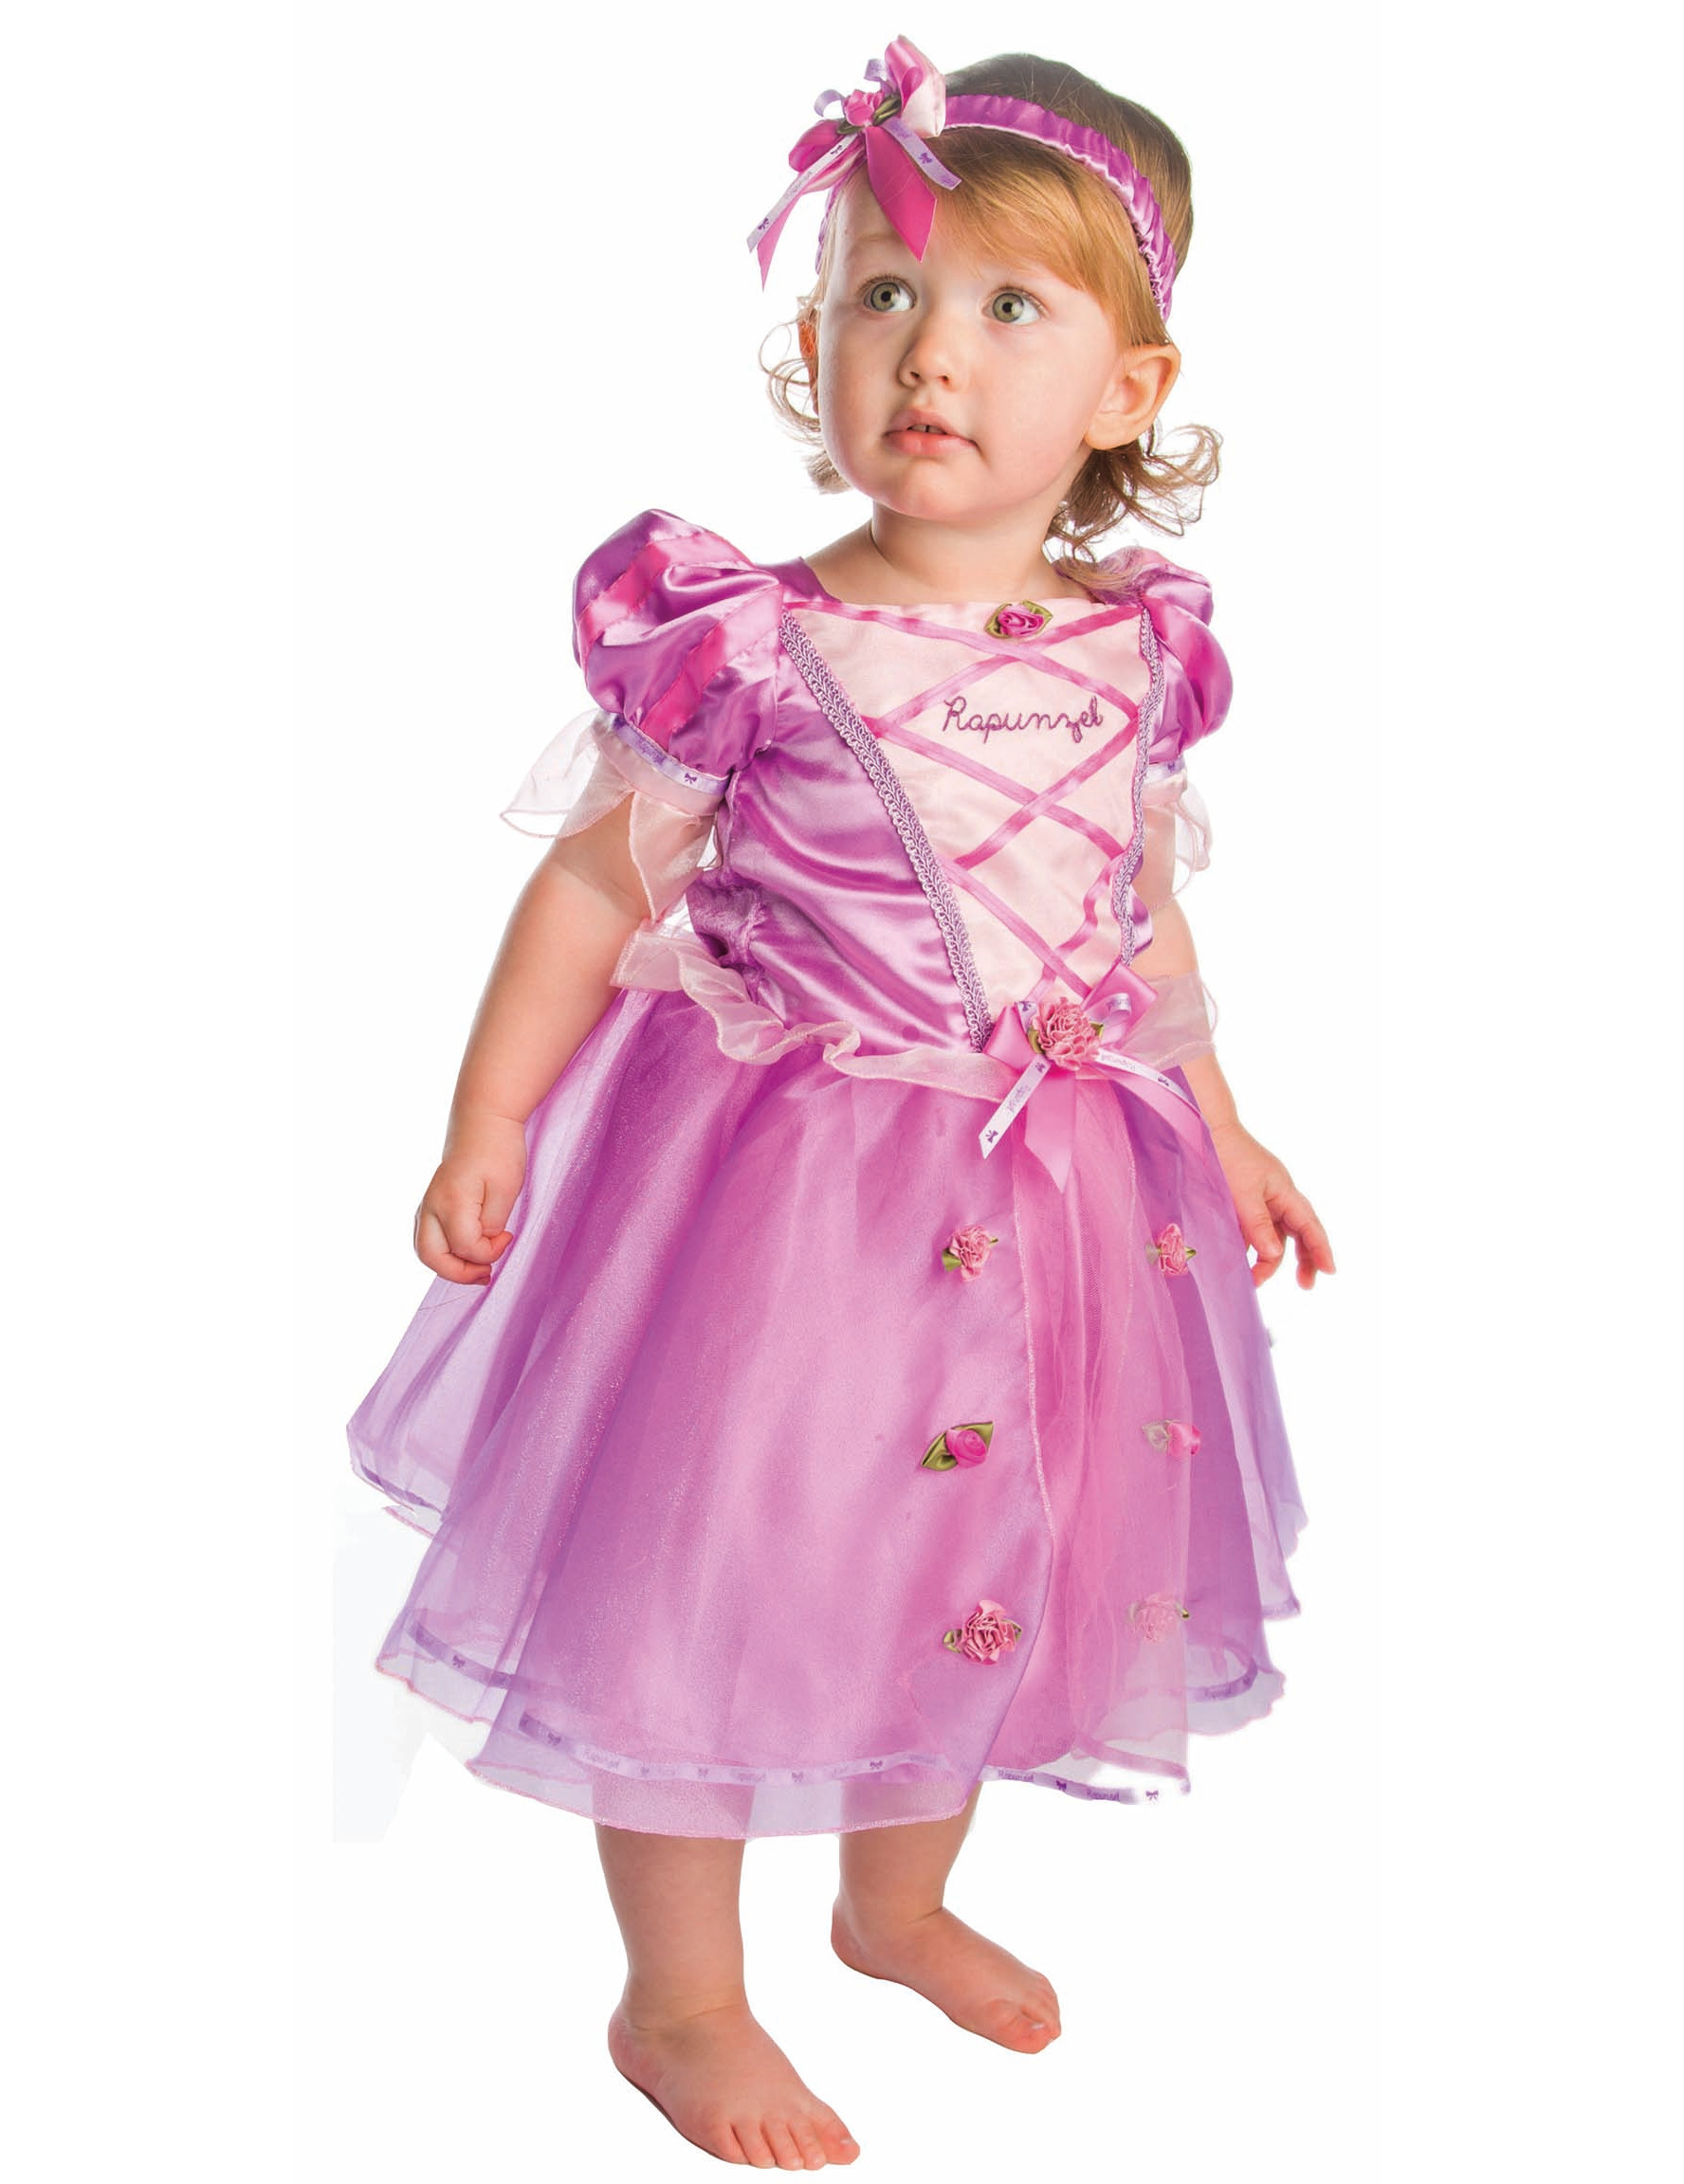 Udklædning Rapunzel Baby Køb Kostumer Til Børn På Vegaoodk